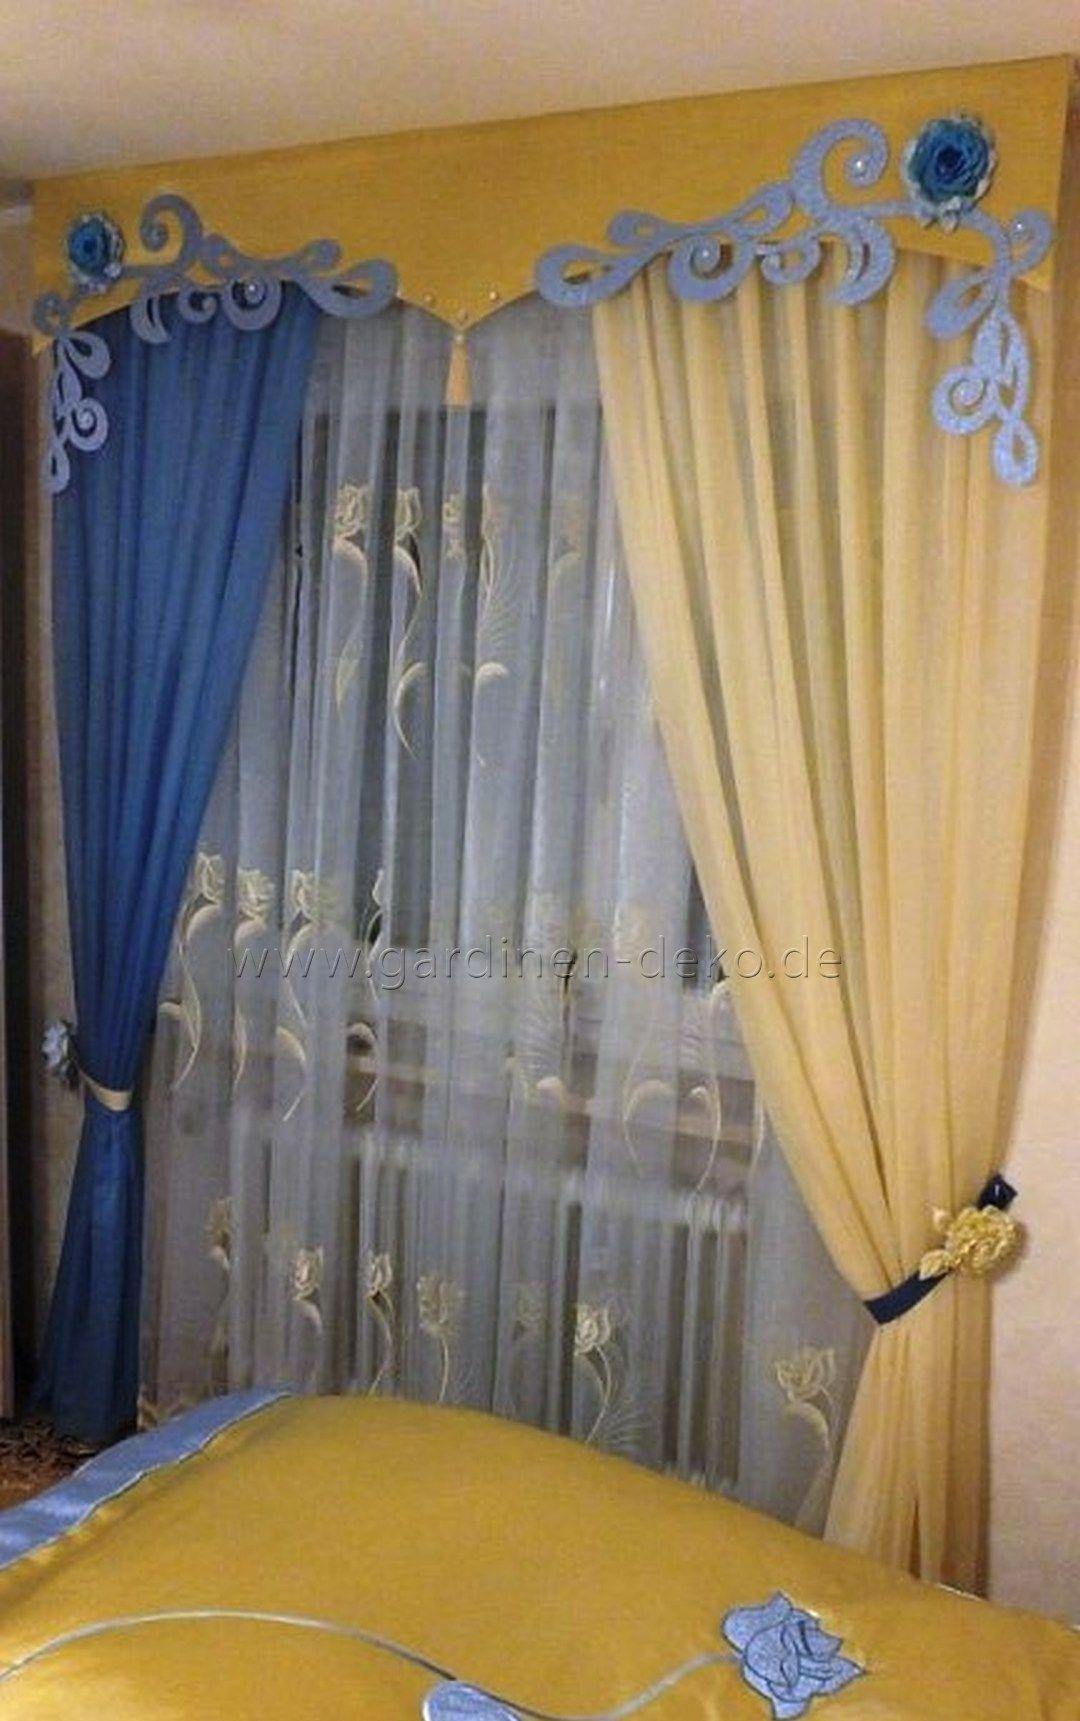 Klassischer Schlafzimmer Vorhang In Blauen Und Gelben Tönen Mit  Blumenmuster   Http://www